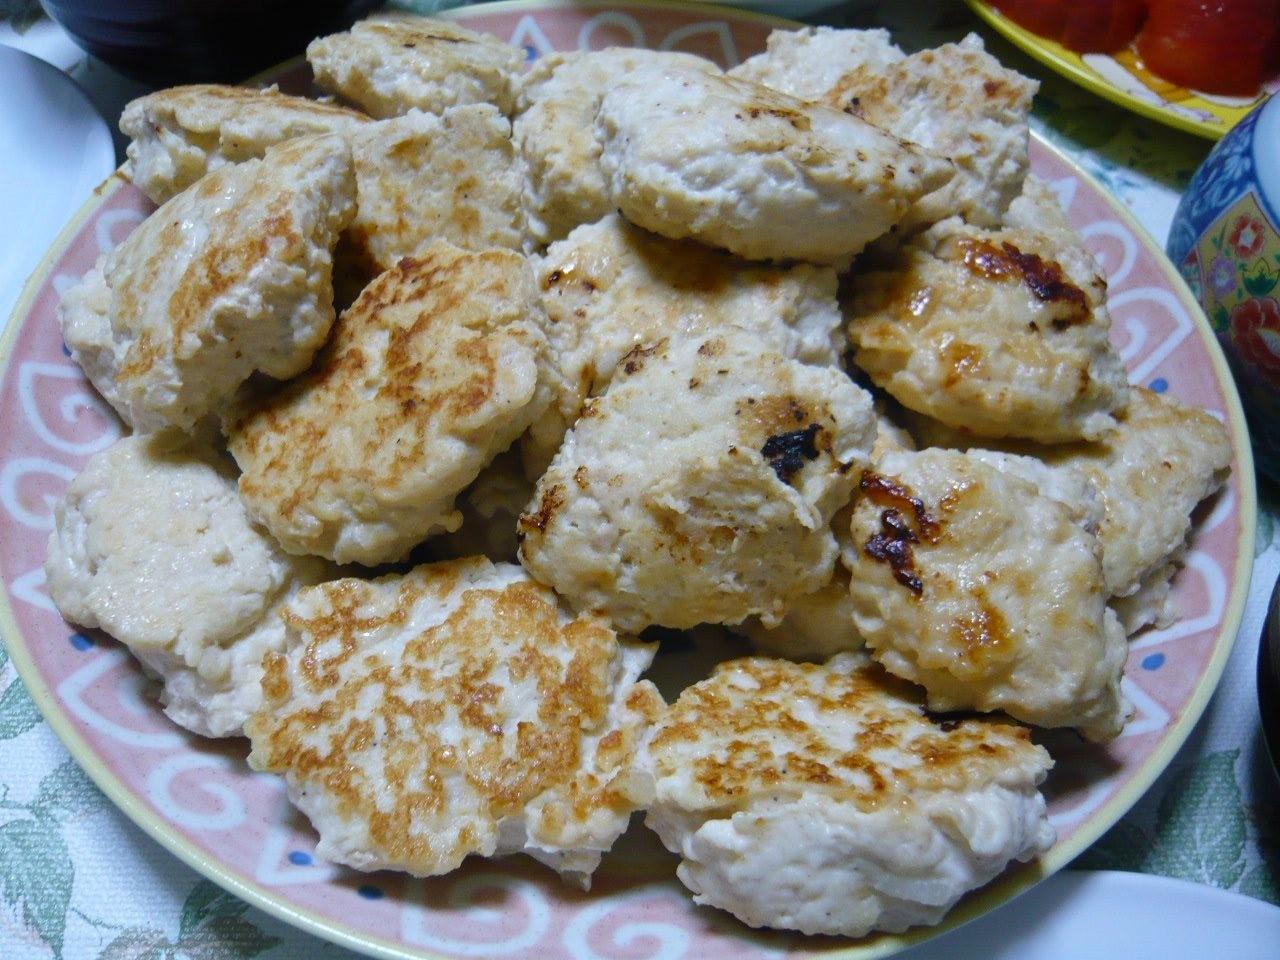 今日の晩御飯は豆腐ハンバーグ!!和風ソースとワサビで食べます(^o^)